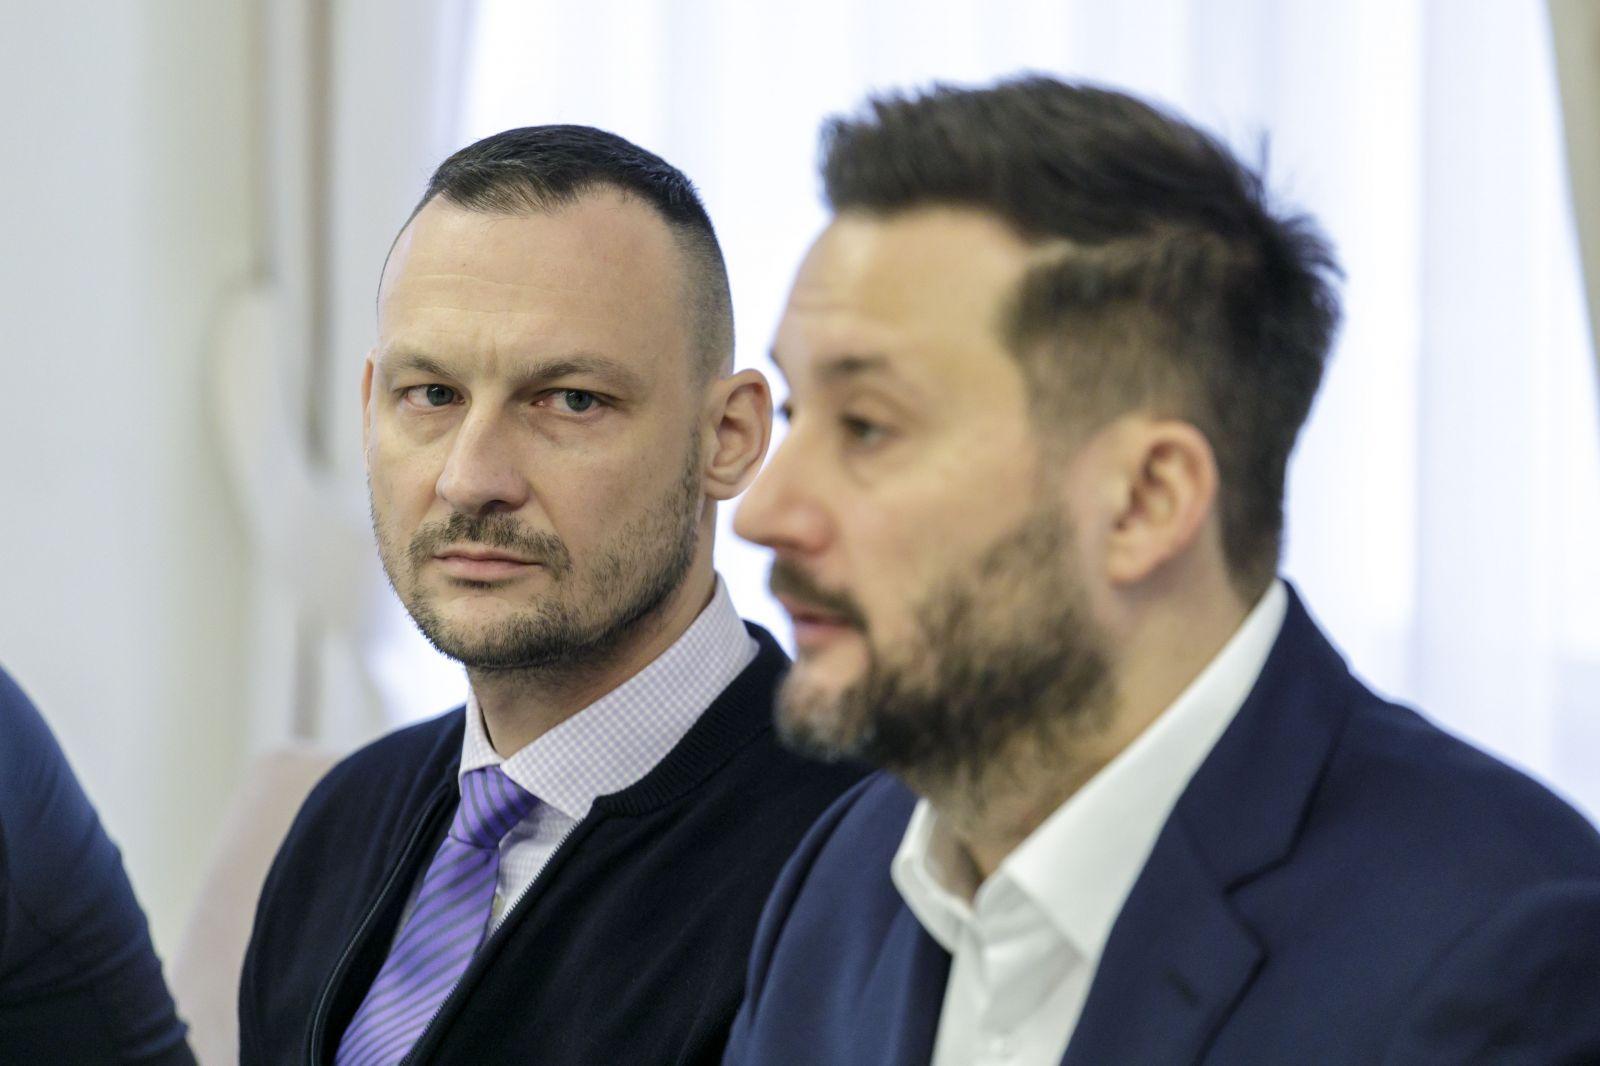 Naľavo náčelník policajtov Marek Gajdoš, napravo primátor Matúš Vallo.